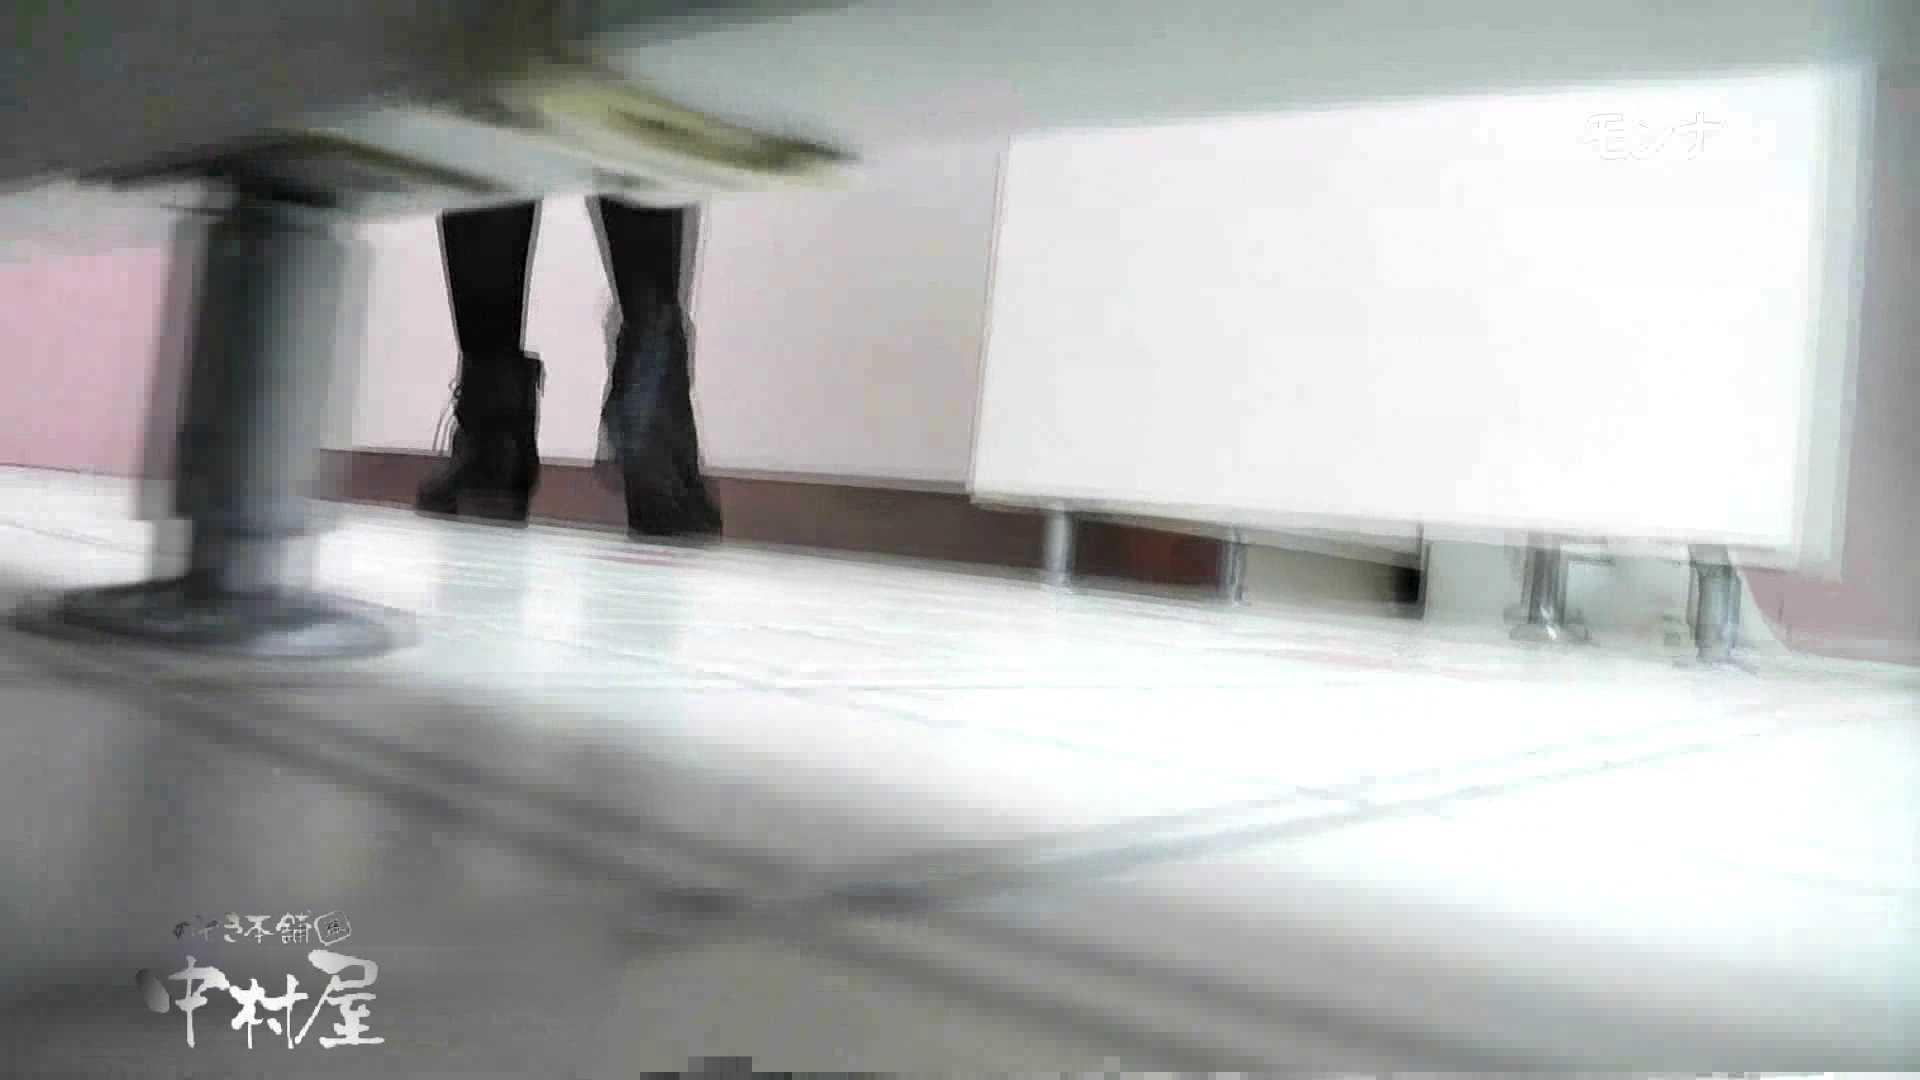 【美しい日本の未来】遂に!!戸田恵梨香似の予告モデル登場ダッシュで「大」前編 モデルのエロ生活 | 0  31連発 31